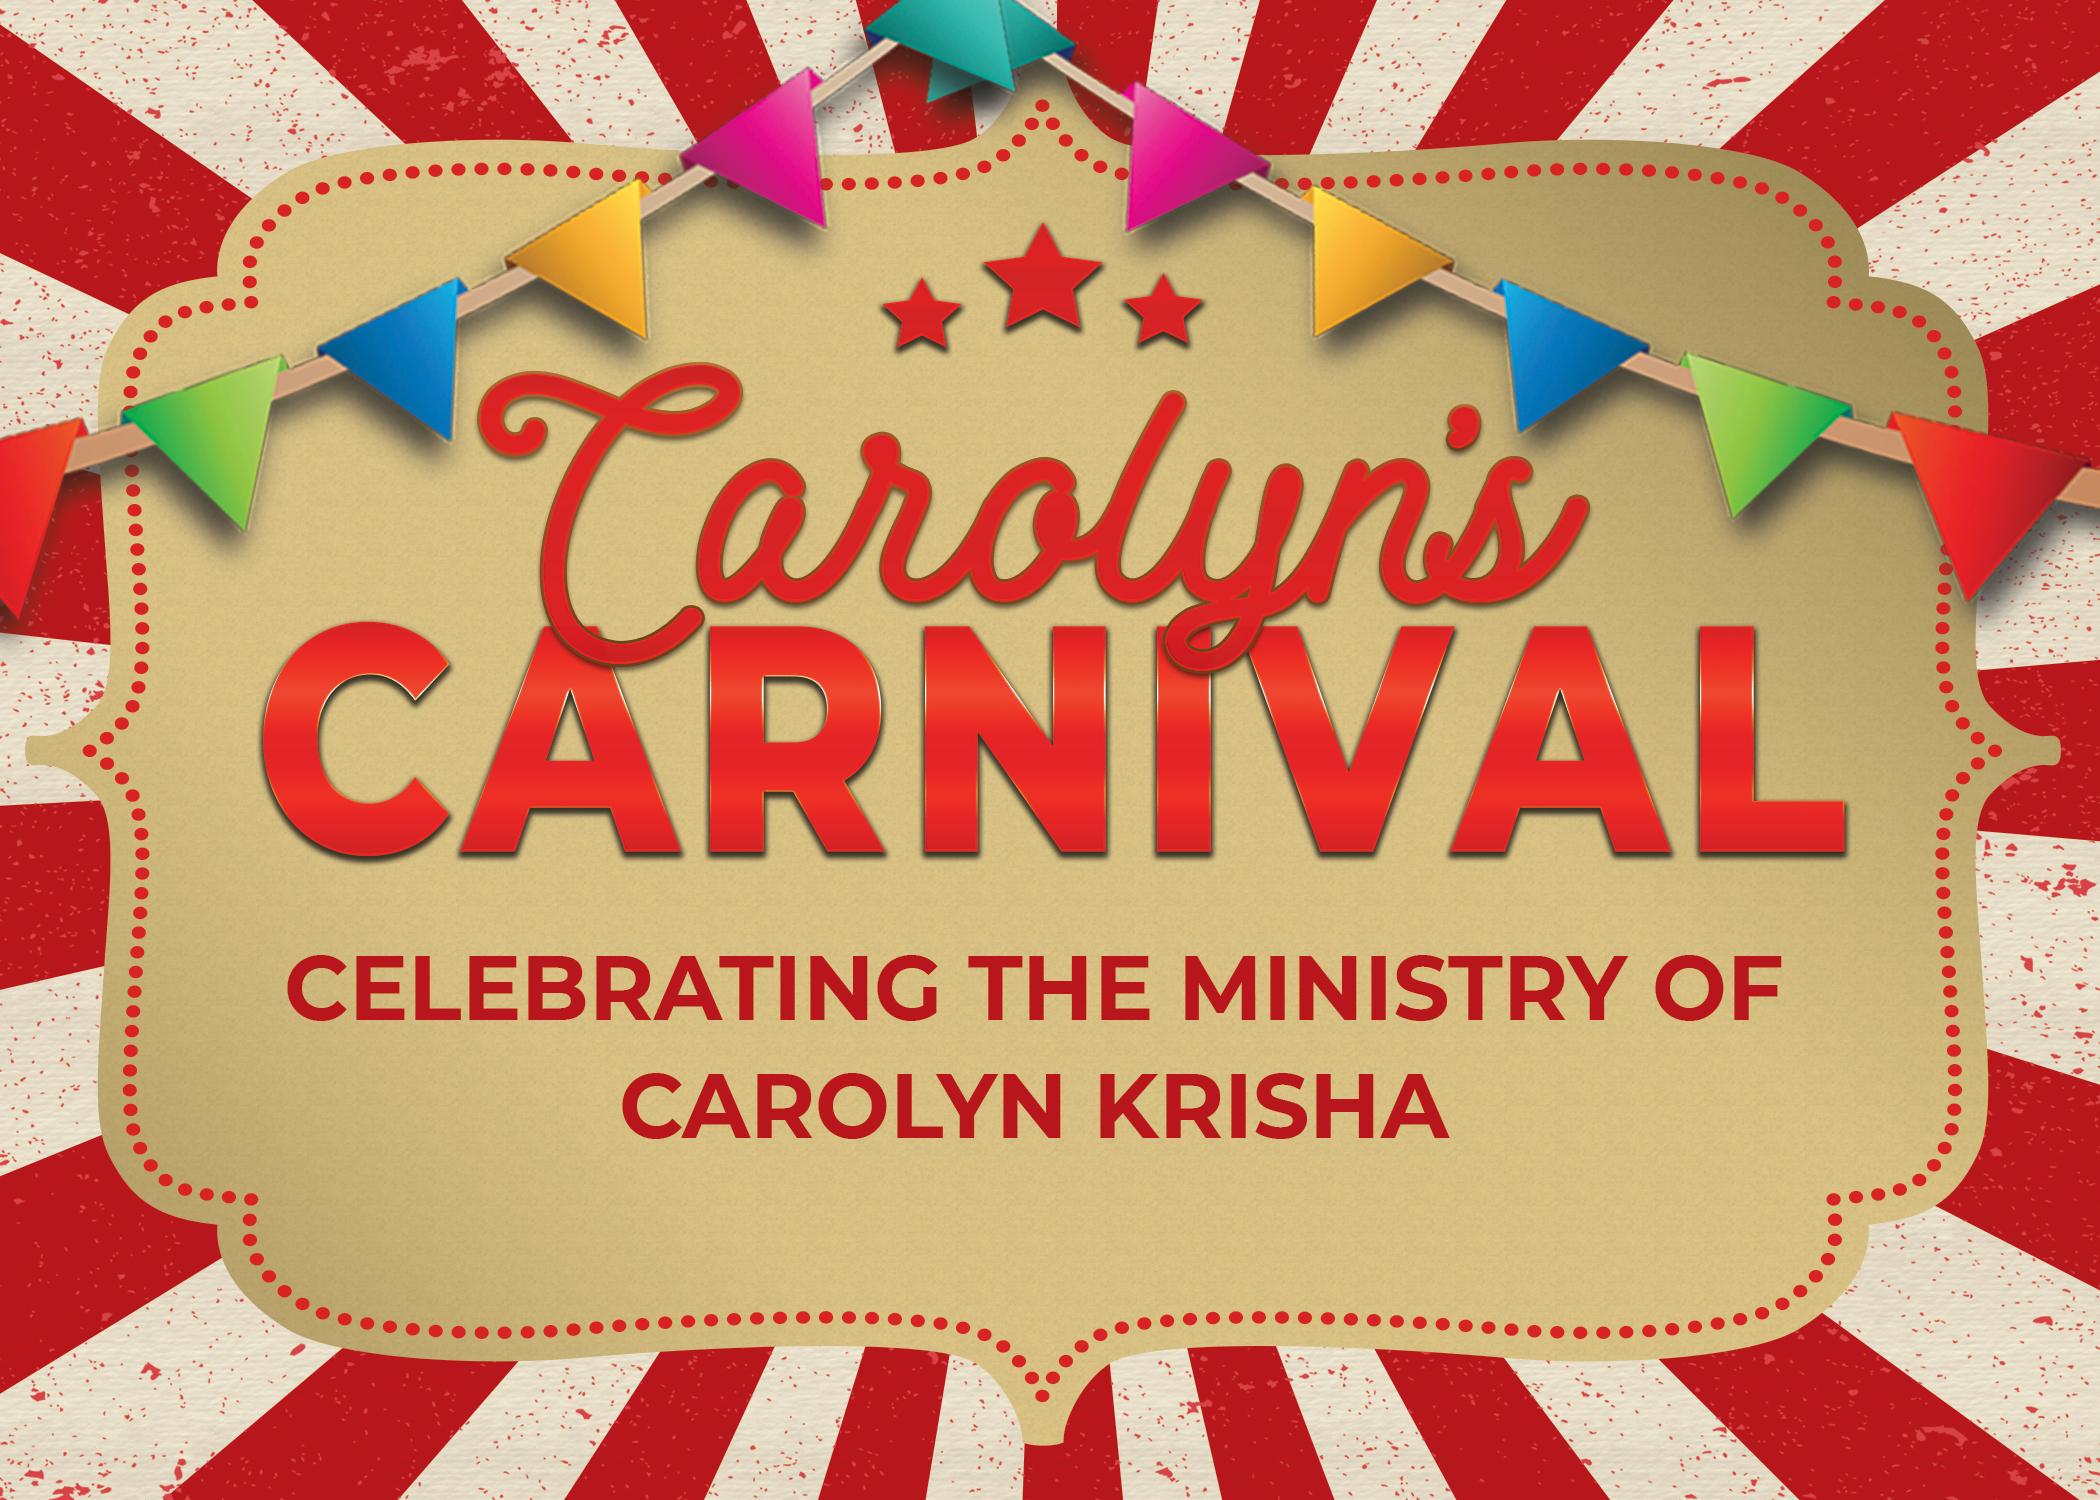 carolyns carnival social.jpg